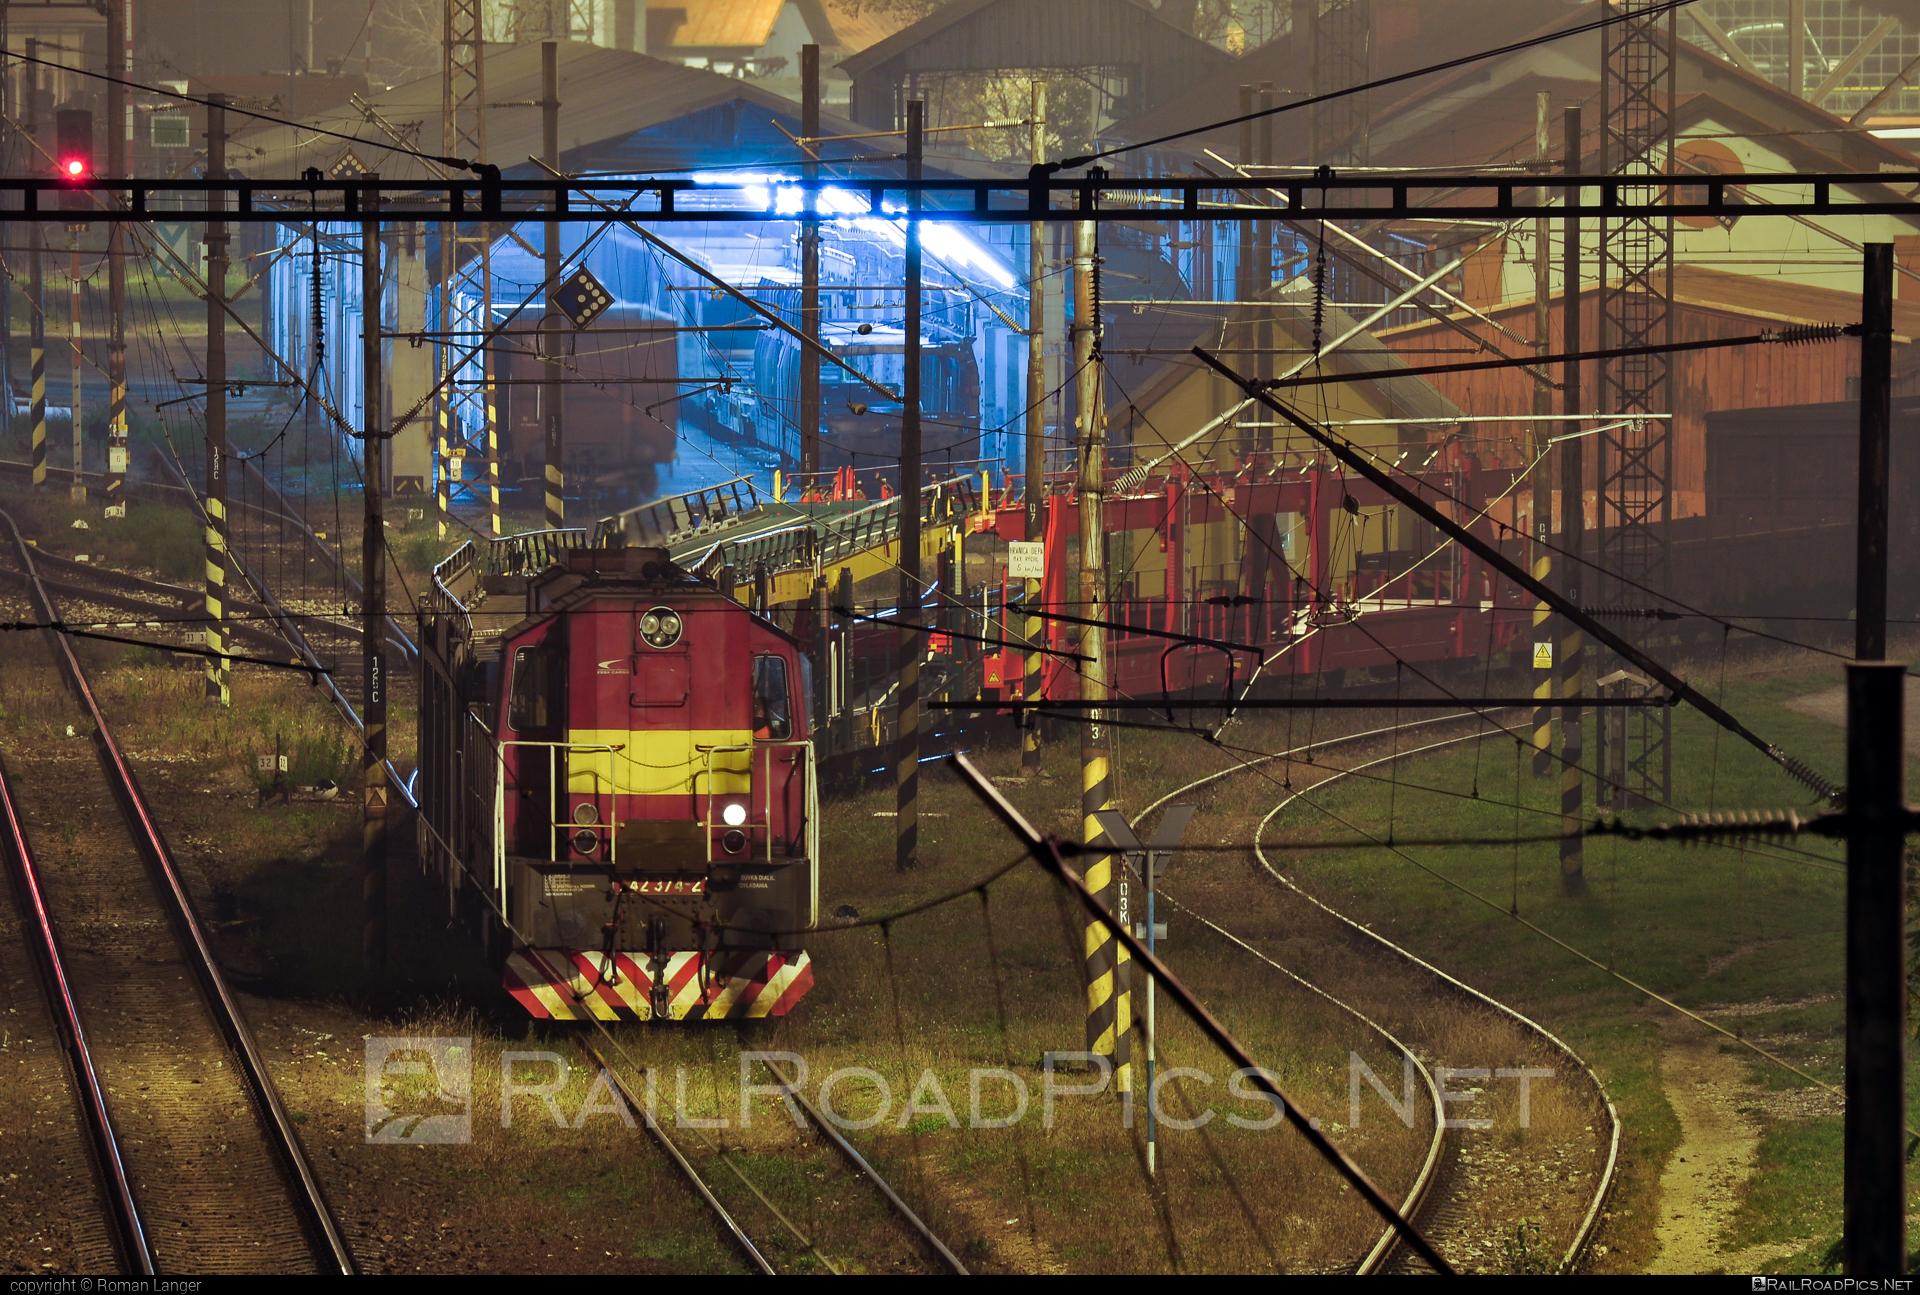 ČKD T 466.2 (742) - 742 374-2 operated by Železničná Spoločnost' Cargo Slovakia a.s. #ZeleznicnaSpolocnostCargoSlovakia #ckd #ckd4662 #ckd742 #ckdt4662 #zsskcargo